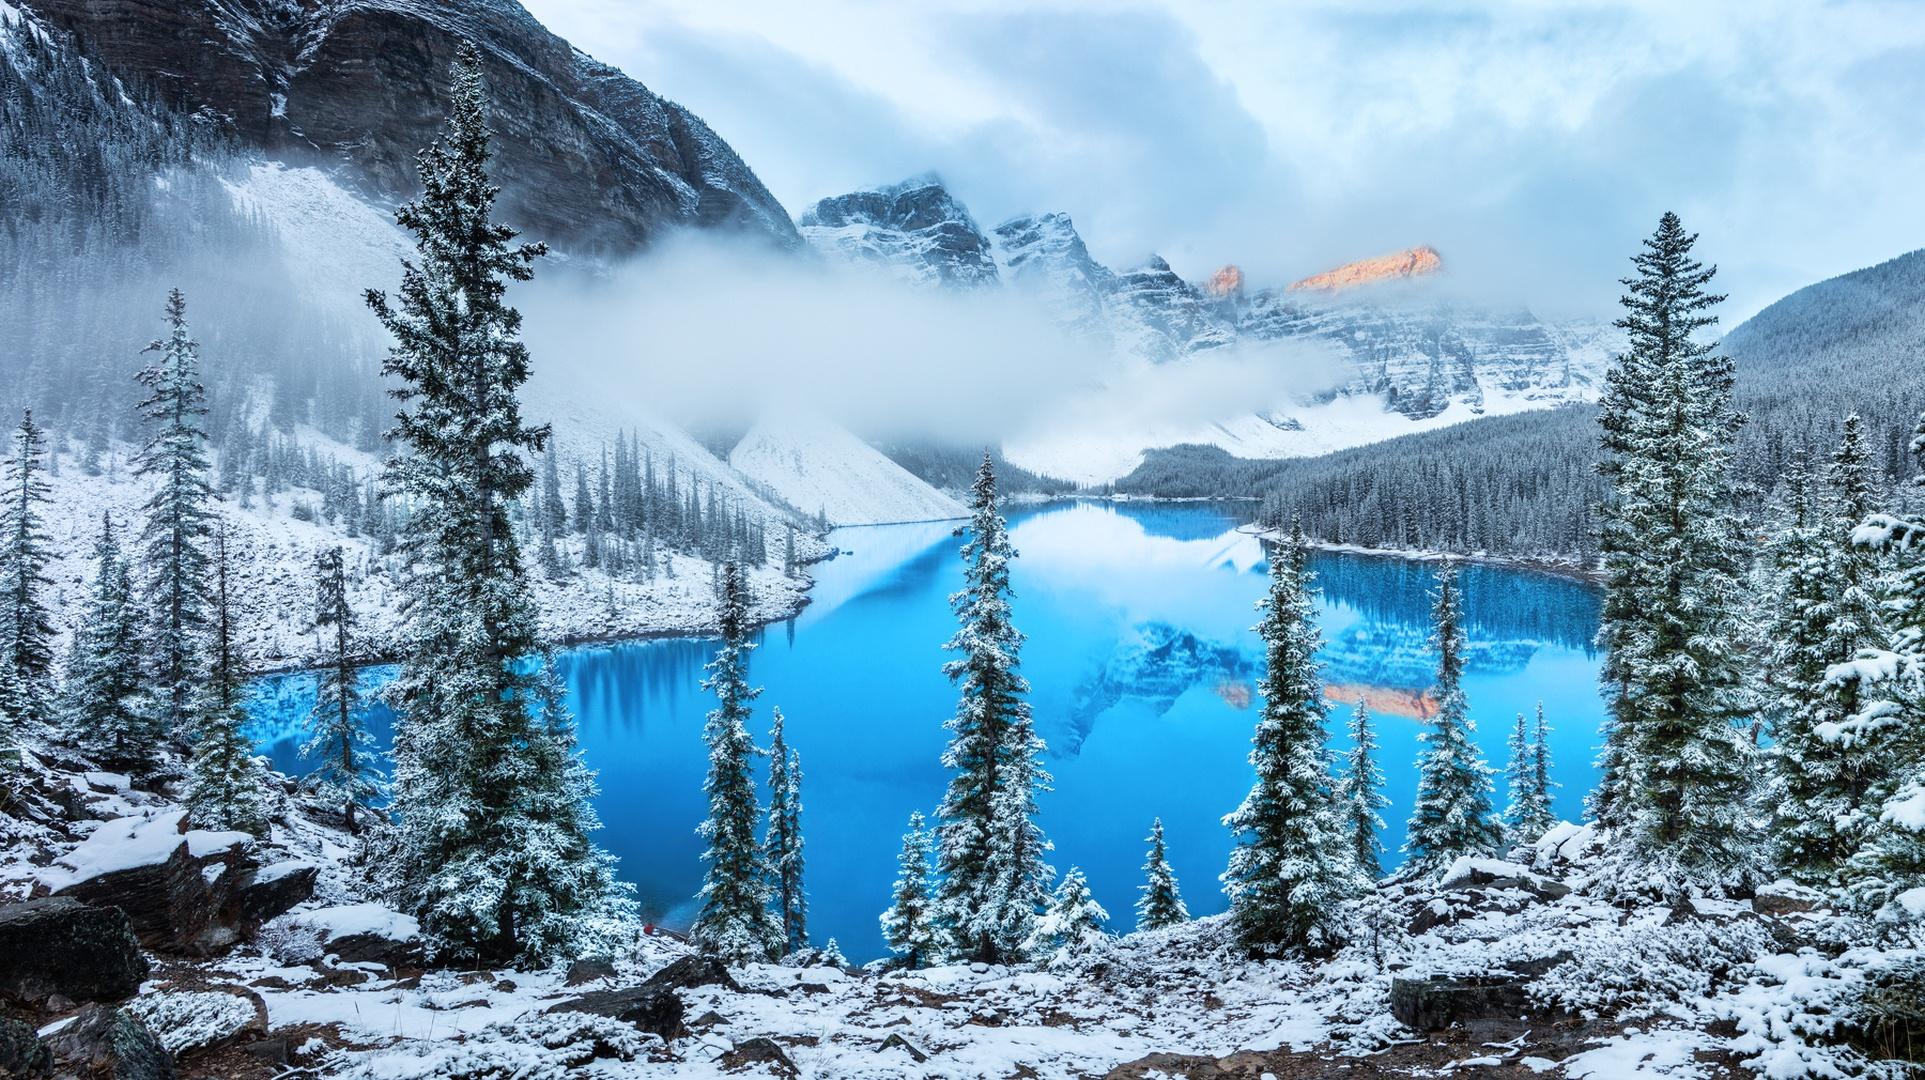 озеро горы снег  № 2476789 без смс